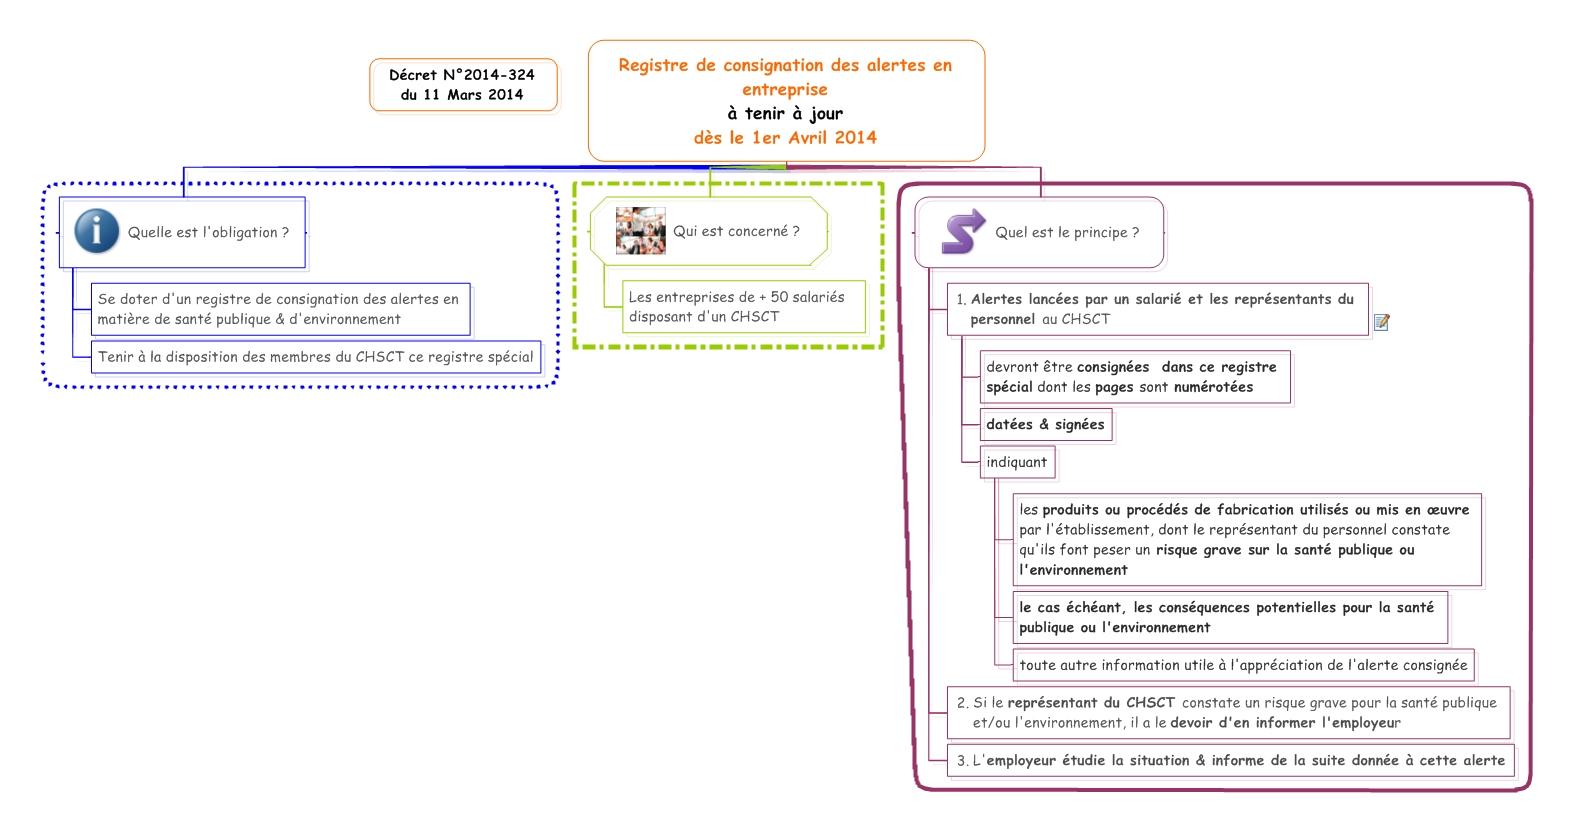 201403 Registre de consignation des alertes en entreprise